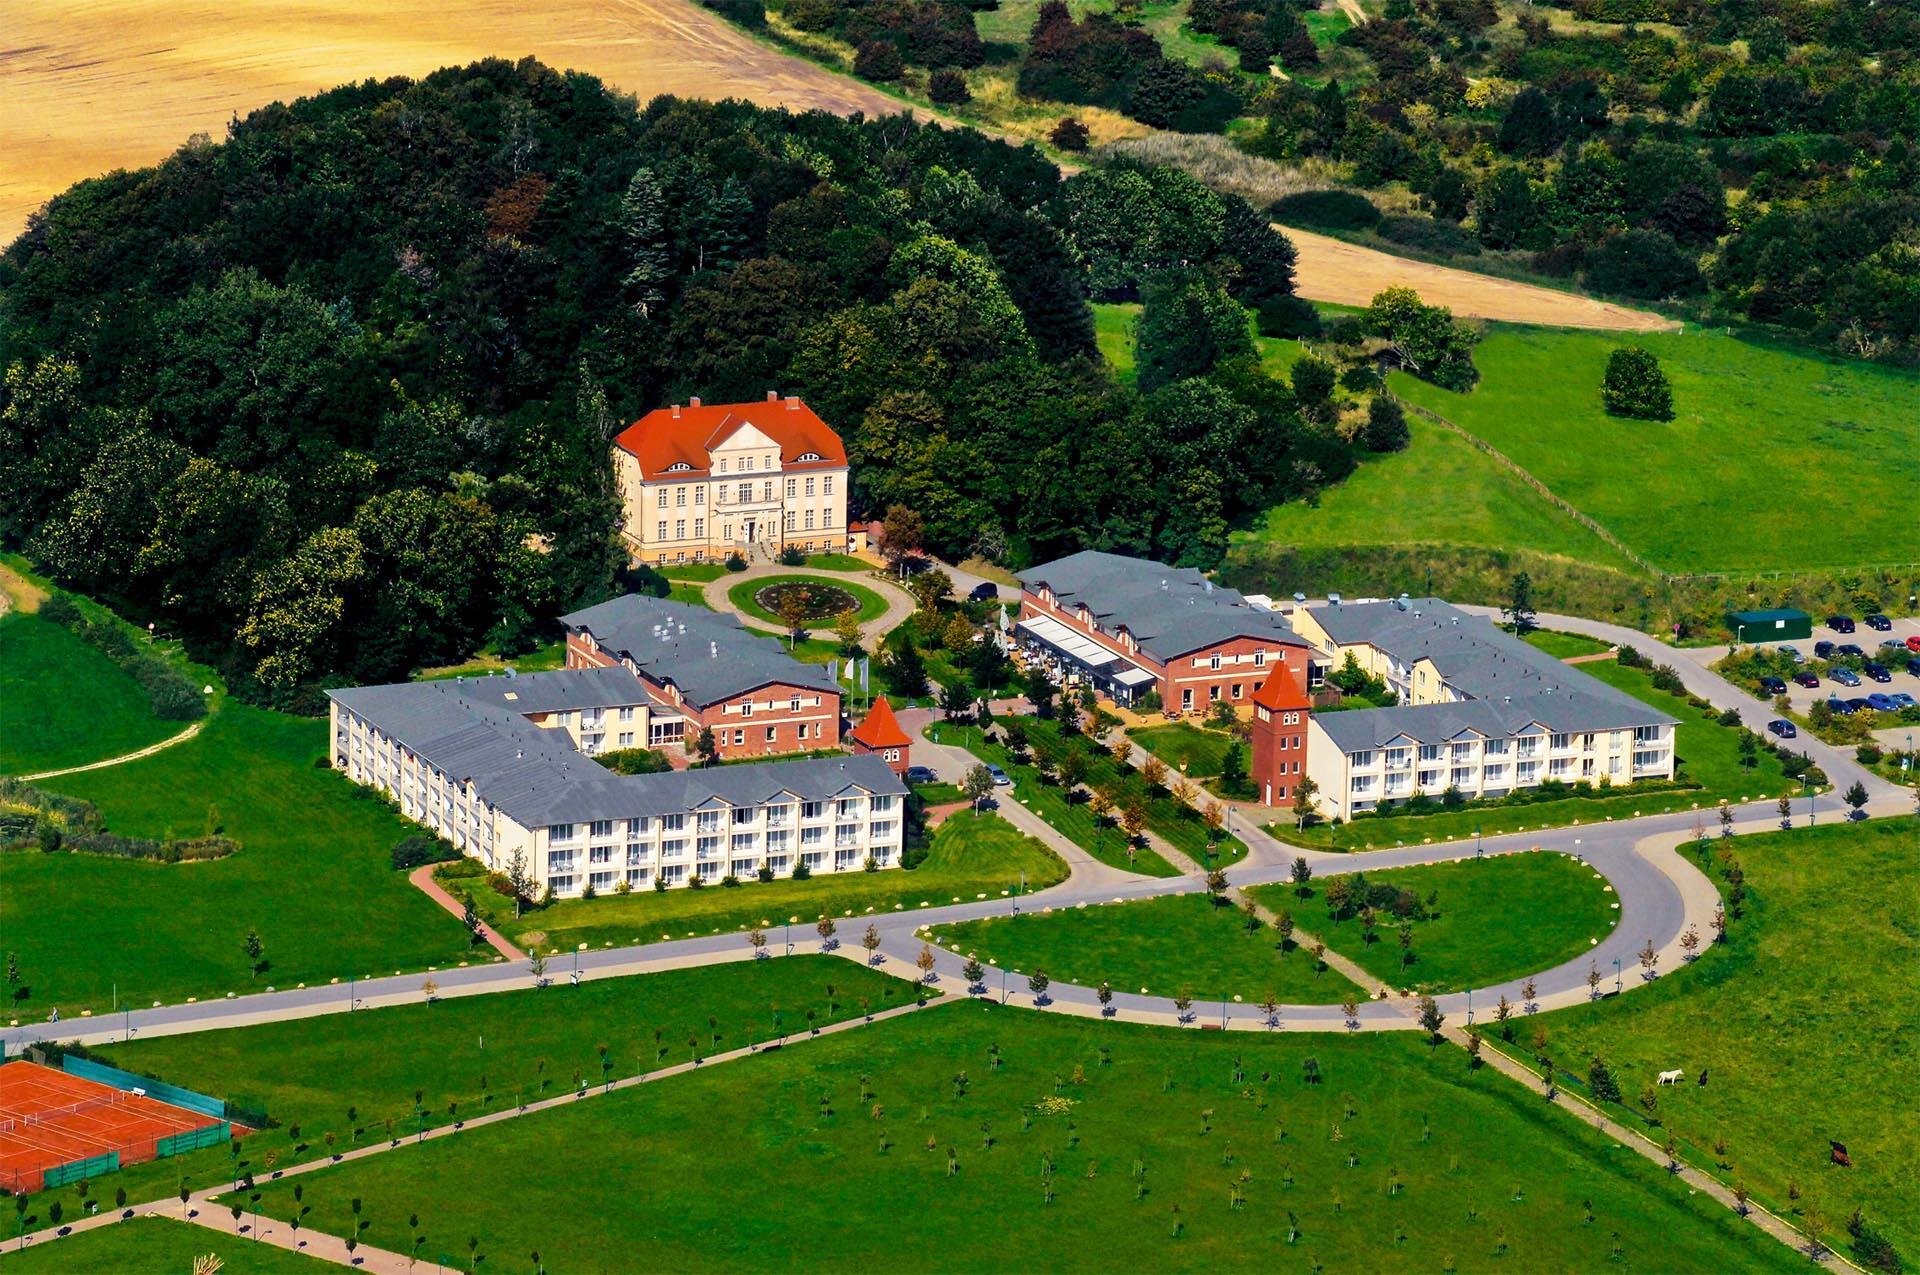 building and garden of Precise Resort Rügen